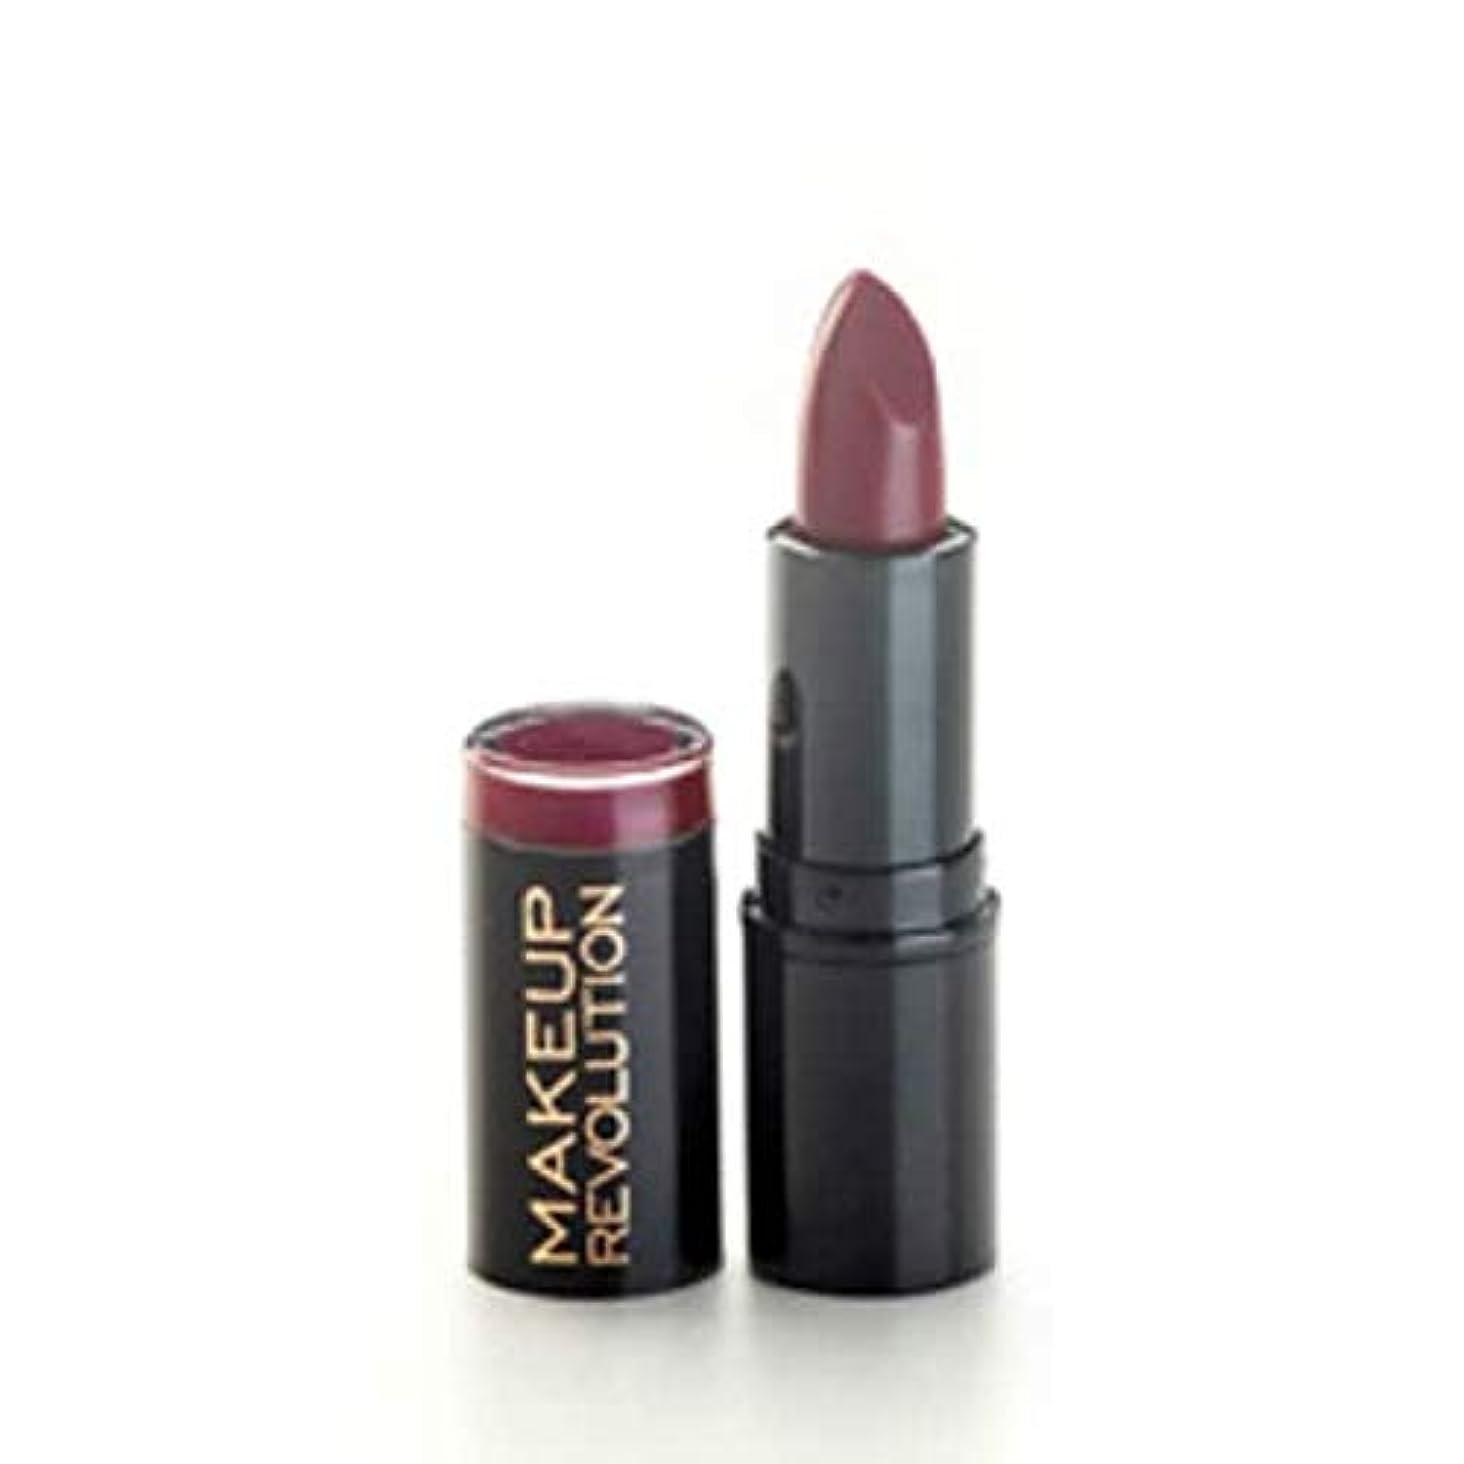 超高層ビル自転車ペデスタル[Revolution ] 原因と革命Vampコレクションの口紅の反乱 - Revolution Vamp Collection Lipstick Rebel with Cause [並行輸入品]